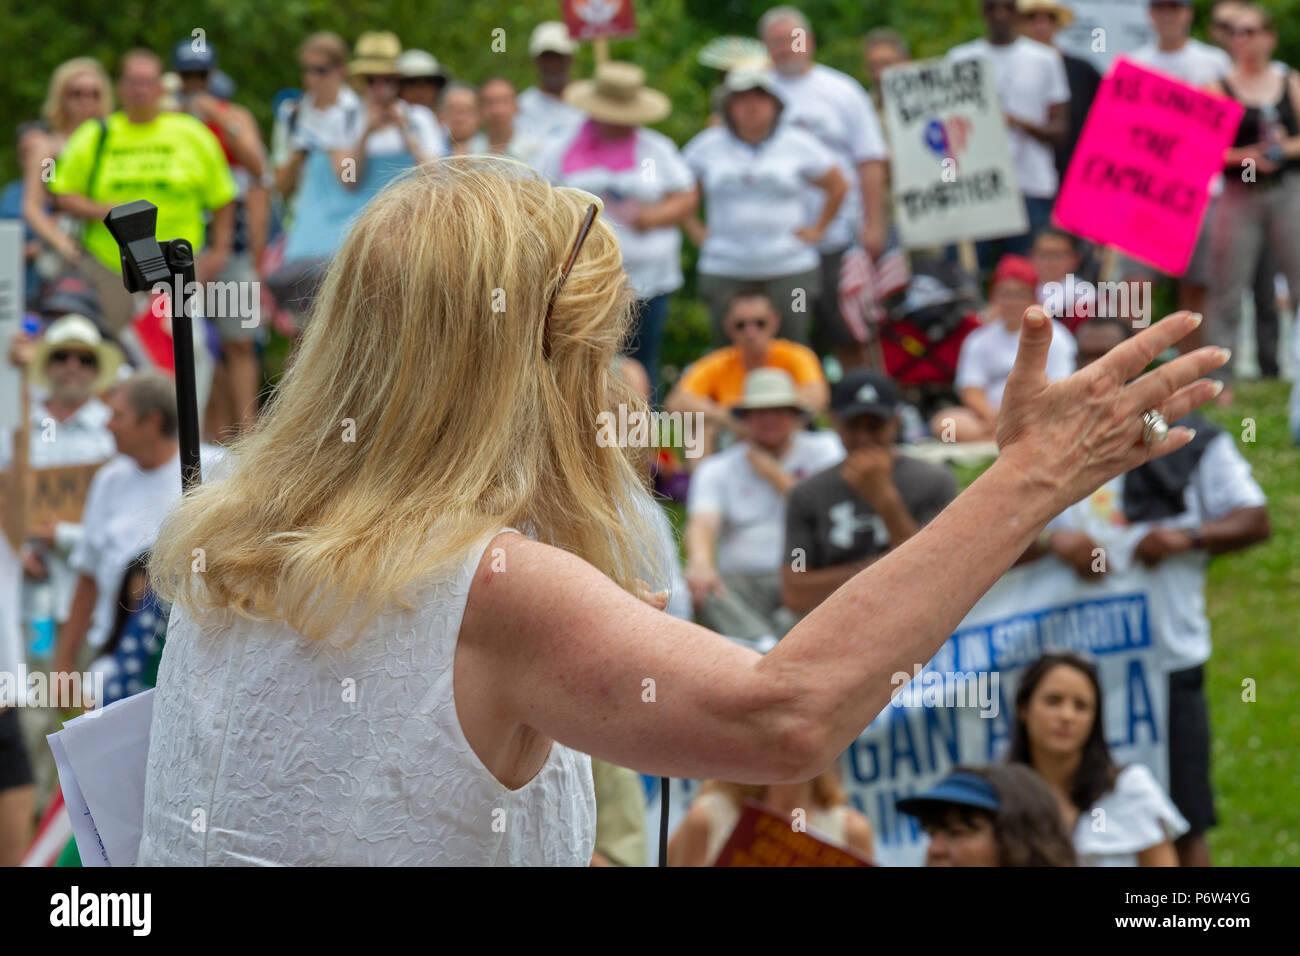 Detroit, Michigan - kongressabgeordnete Debbie Dingell (D-Mich.) spricht auf der Kundgebung gegen die Politik der Trumpf Administration der Trennung von jungen Kindern f Stockbild